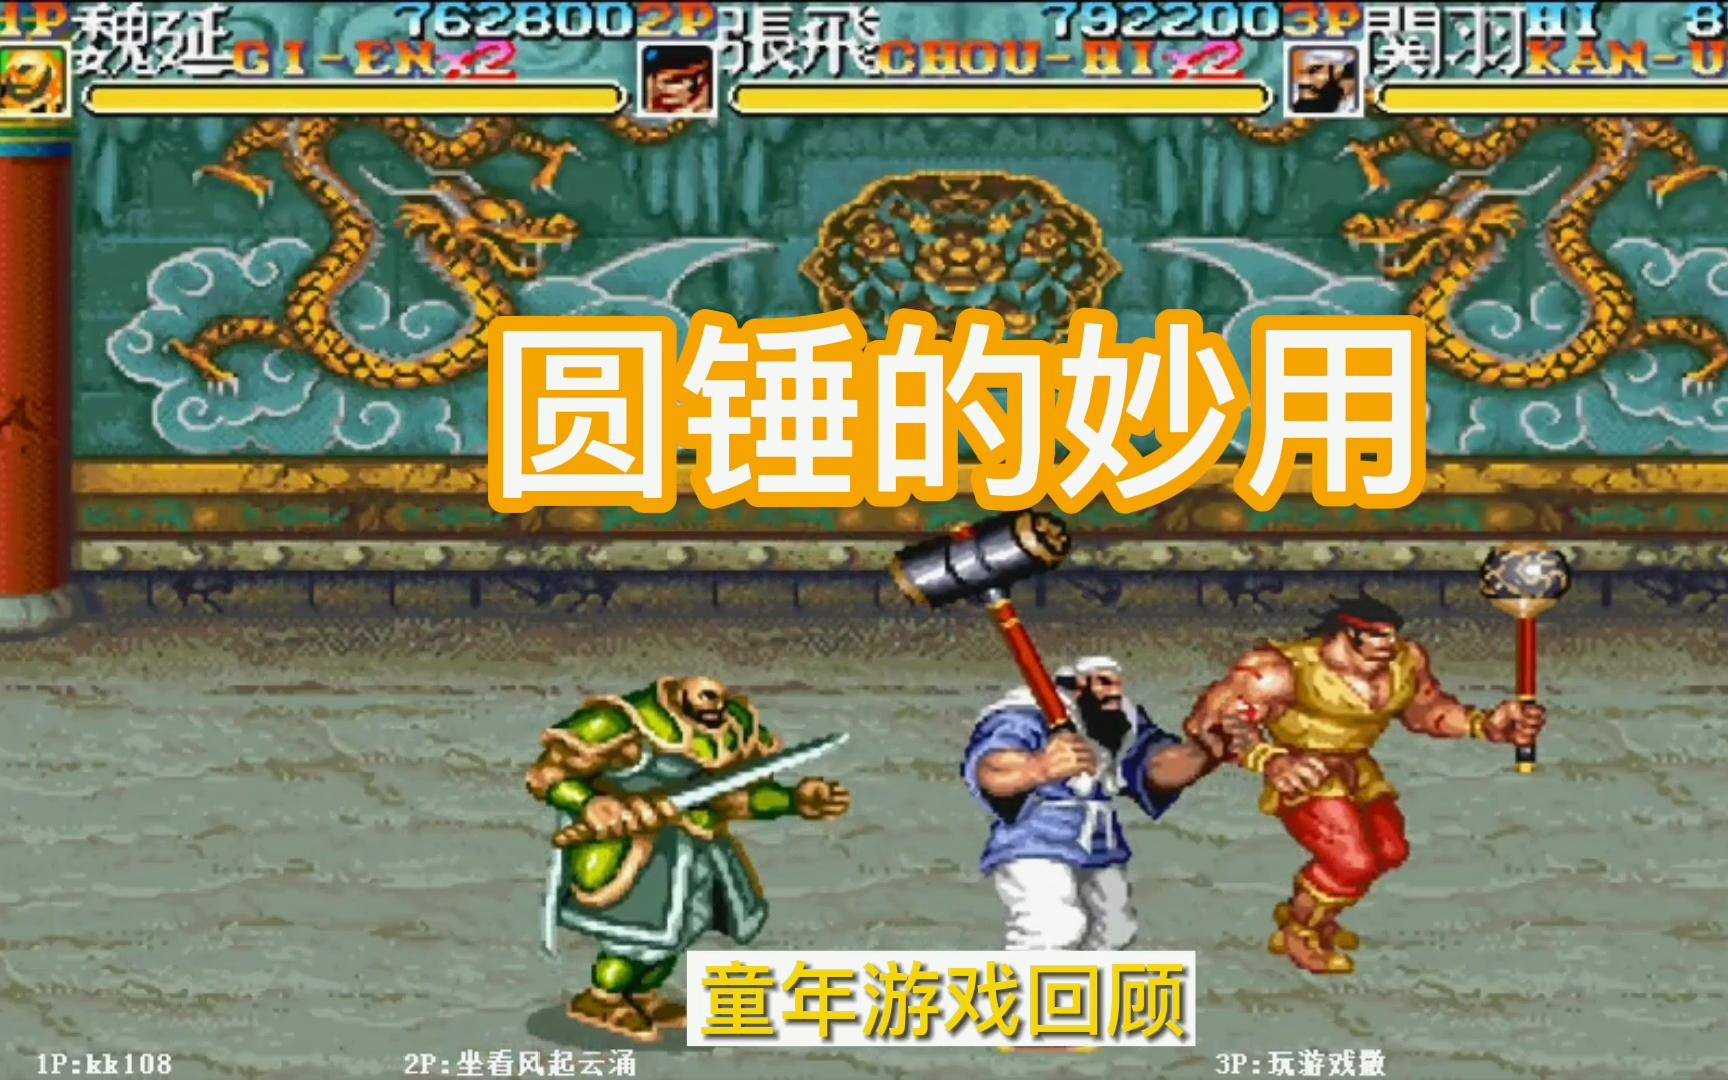 三国志2:3位玩家联手闯关打徐晃,展现了这把圆锤的妙用